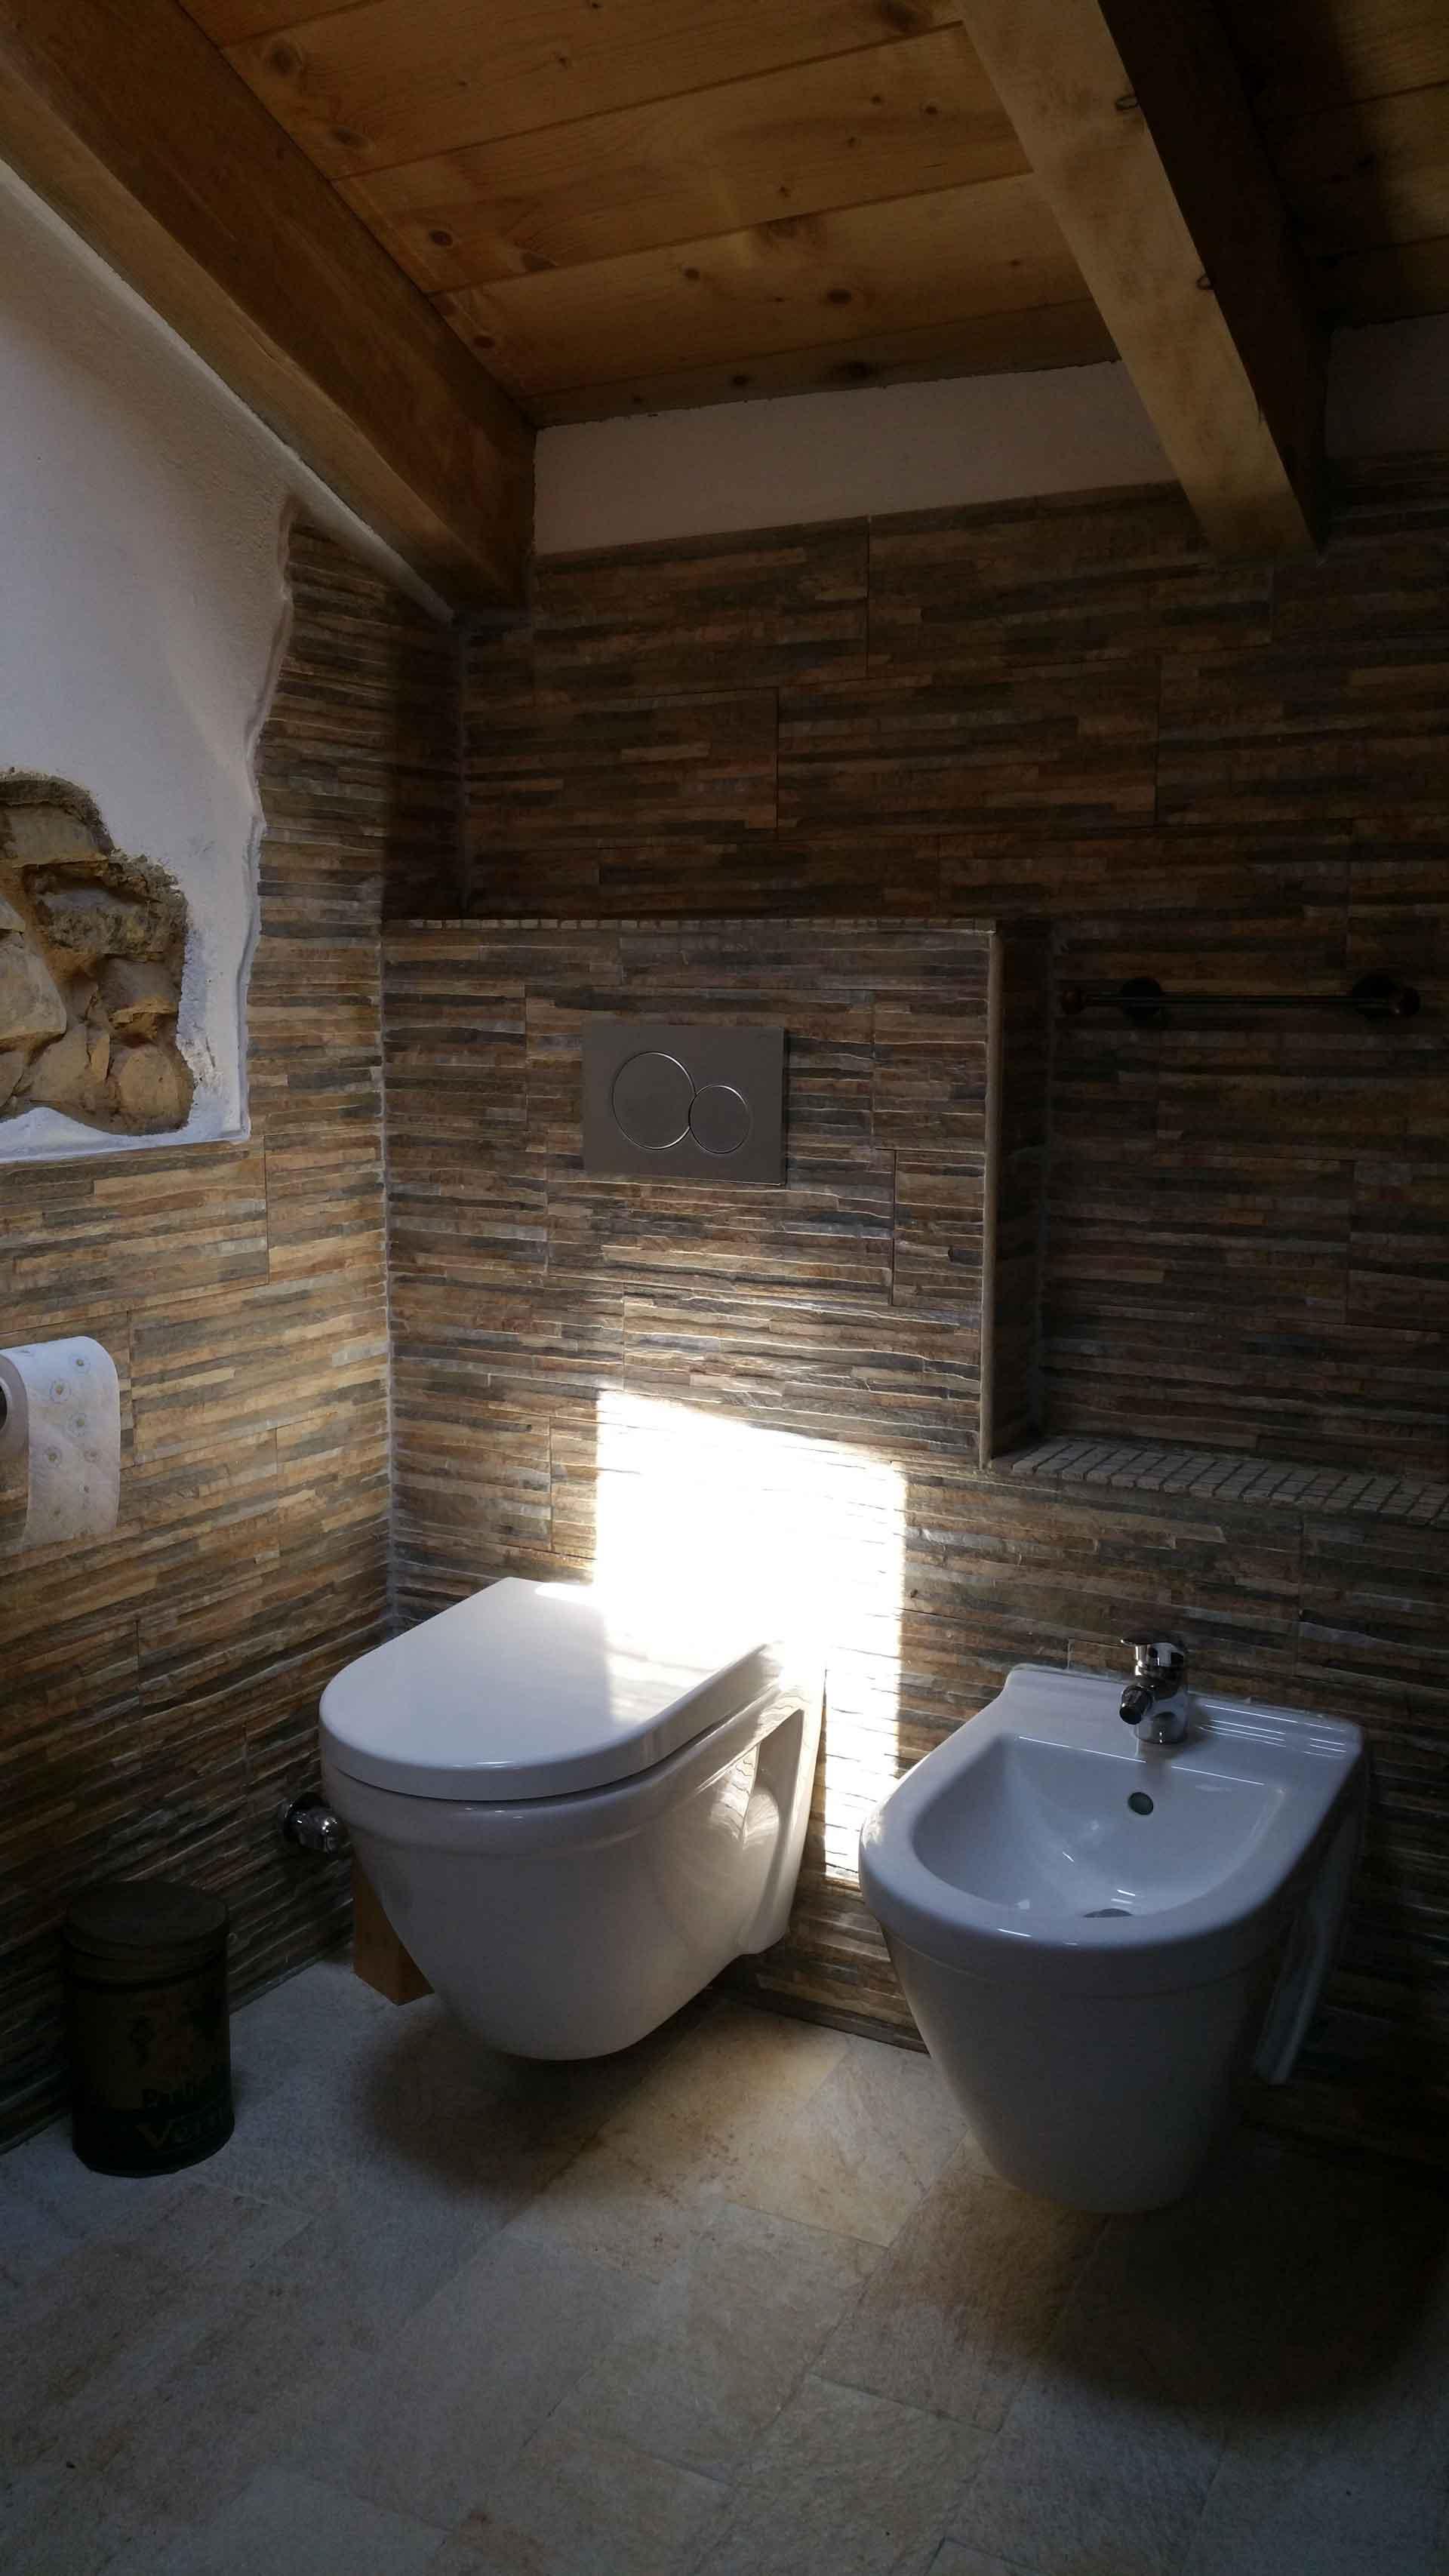 Bagno camera 900 comodino wc e bidet B&B & Meditation Center Zorba il Buddha Passerano Marmorito Asti